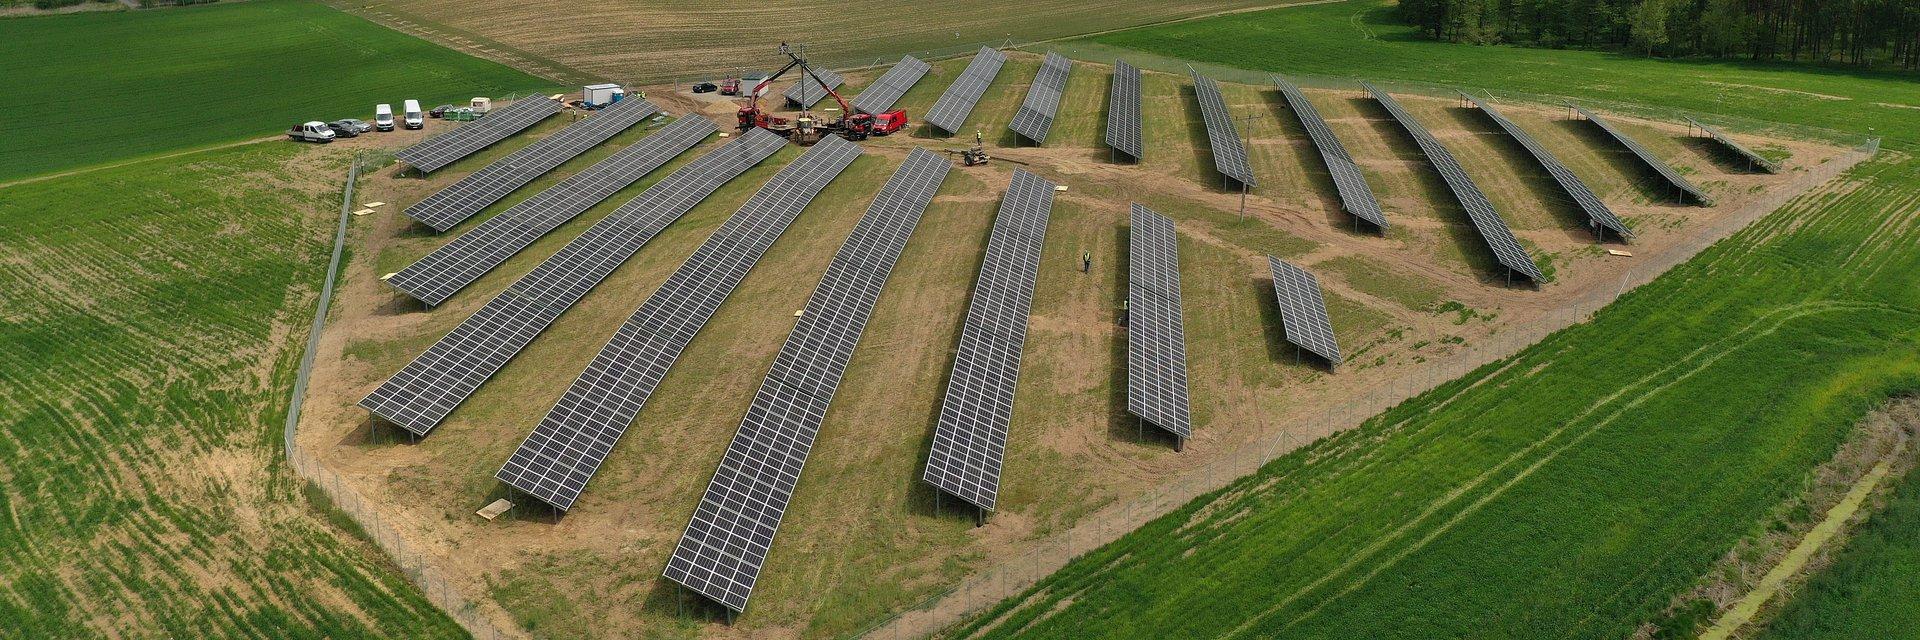 4 mld zł na odnawialne źródła energii – mBank podwaja limit finansowania